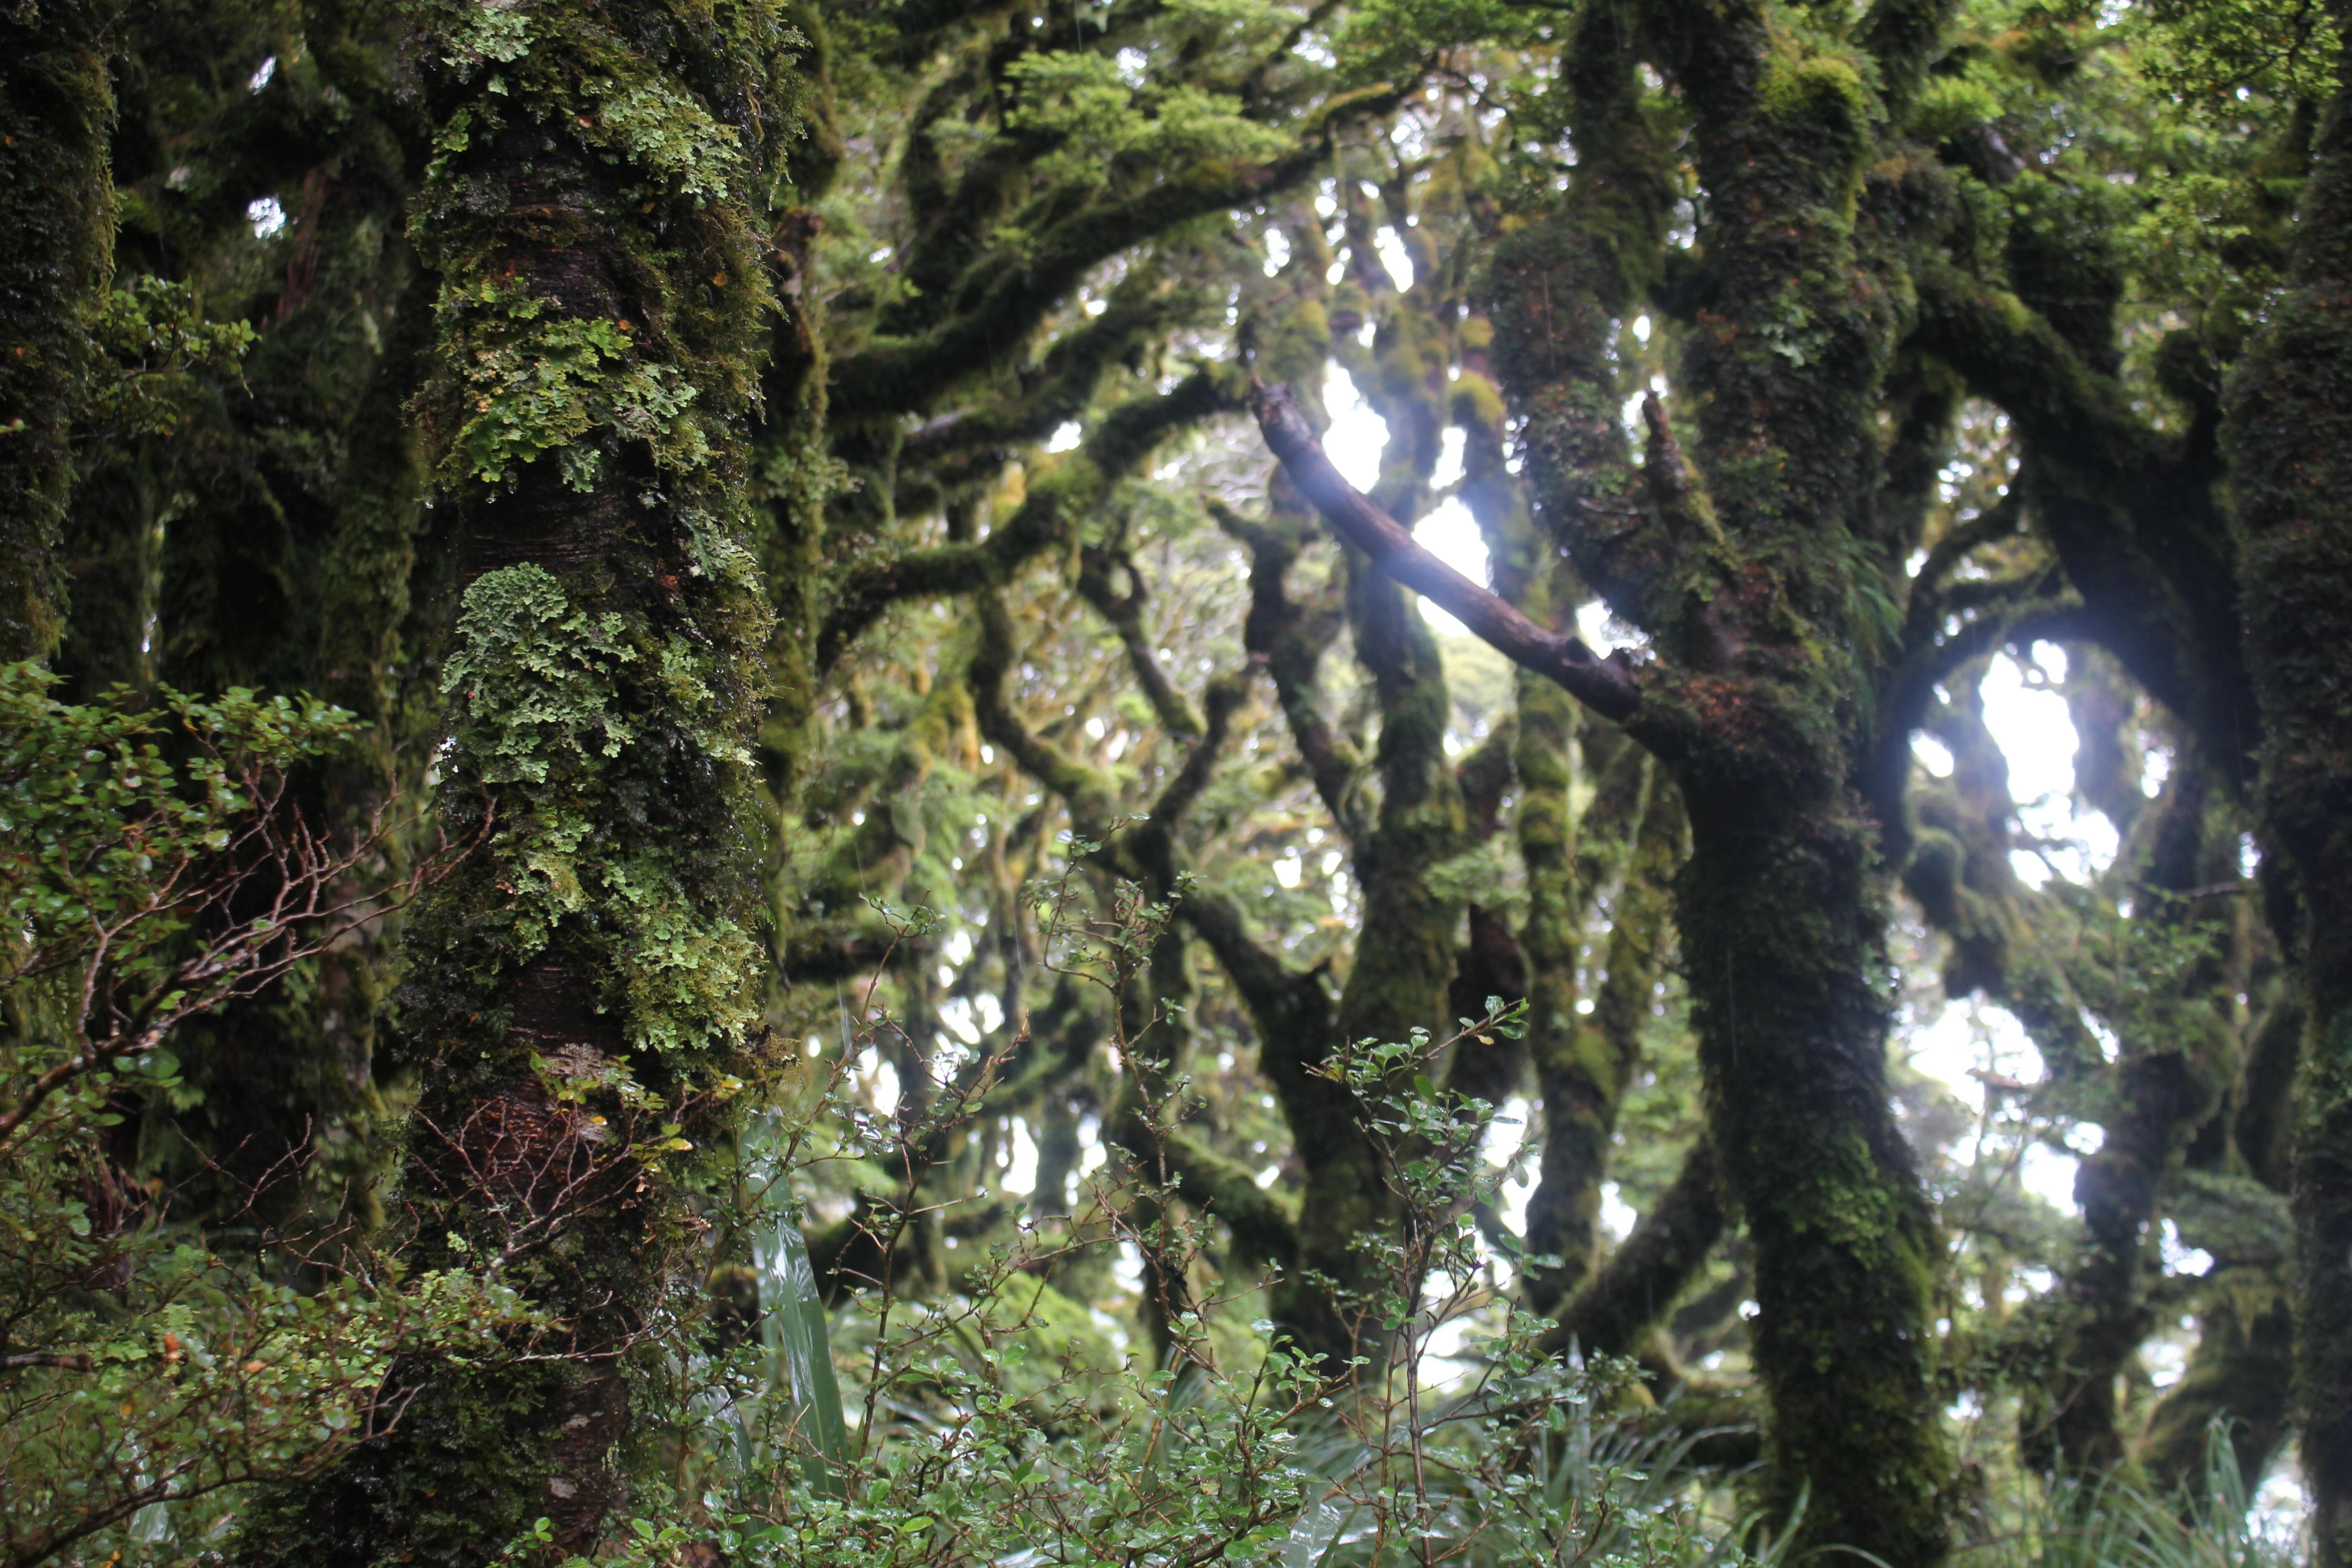 Les maes l envers lesmaesalanver - Mousse sur les arbres ...